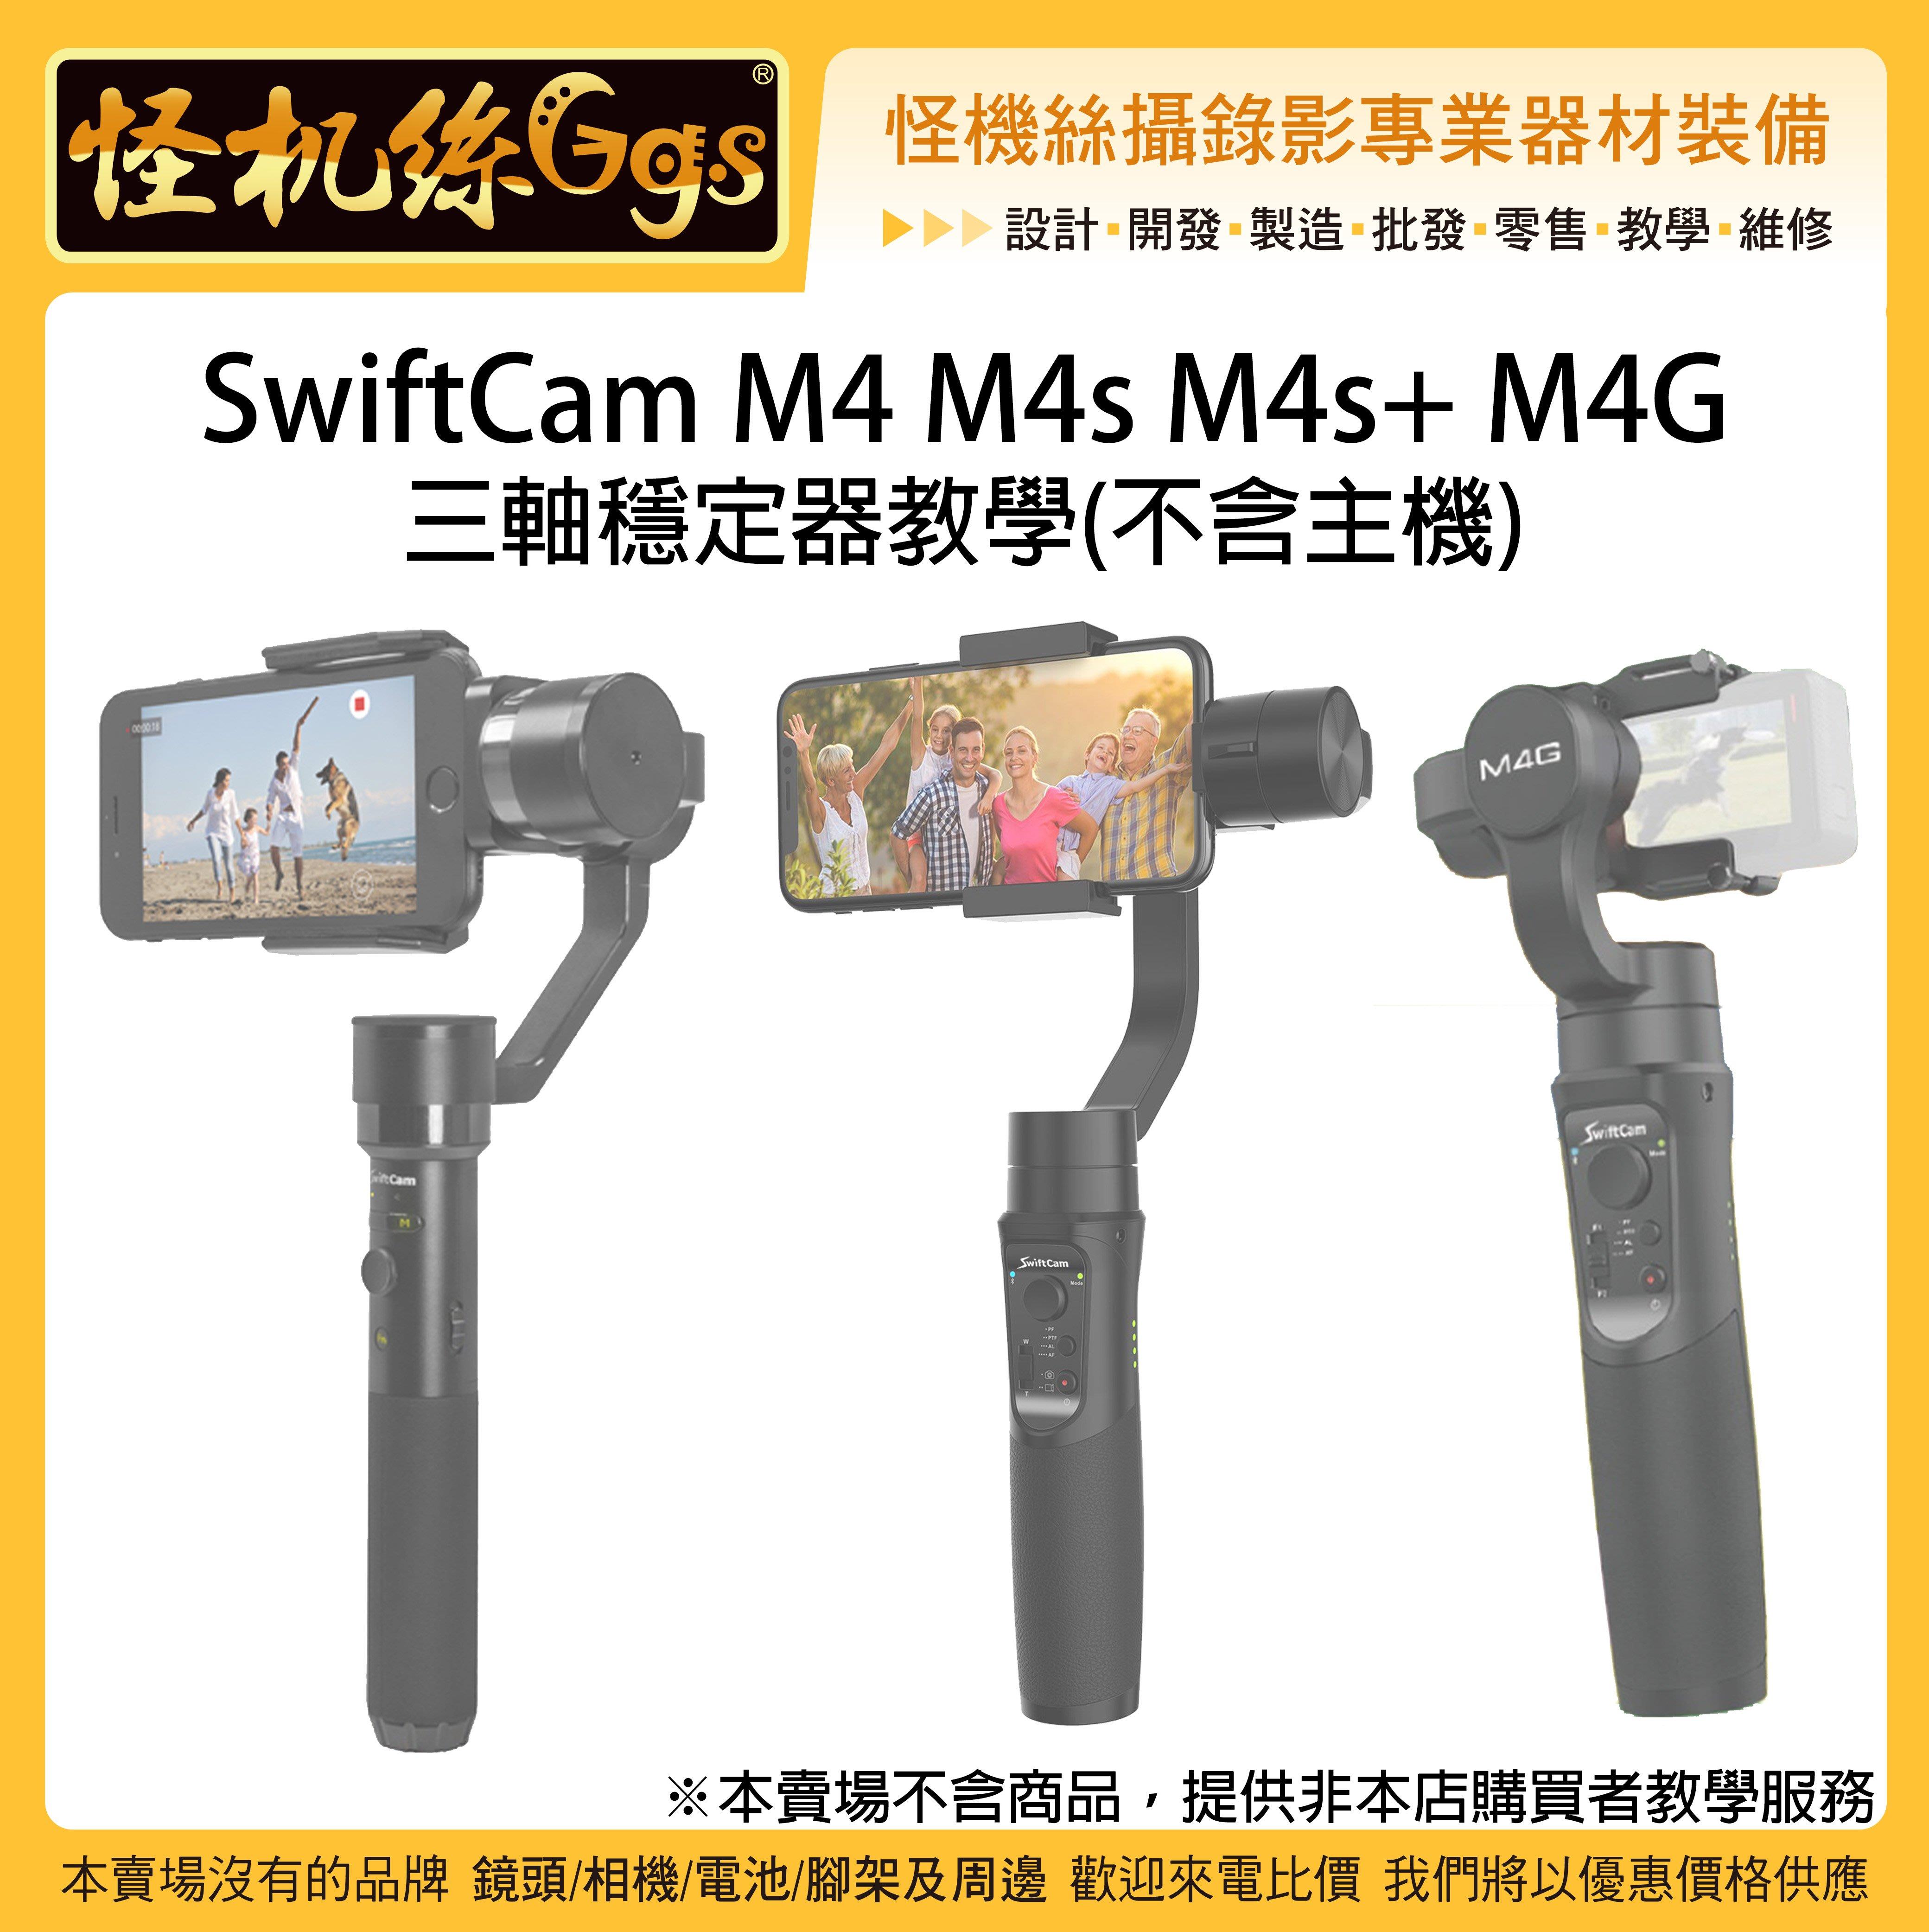 怪機絲 SwiftCam M4 M4s M4S PLUS M4G 三軸穩定器教學 不含主機 手機穩定器 運動相機 操作